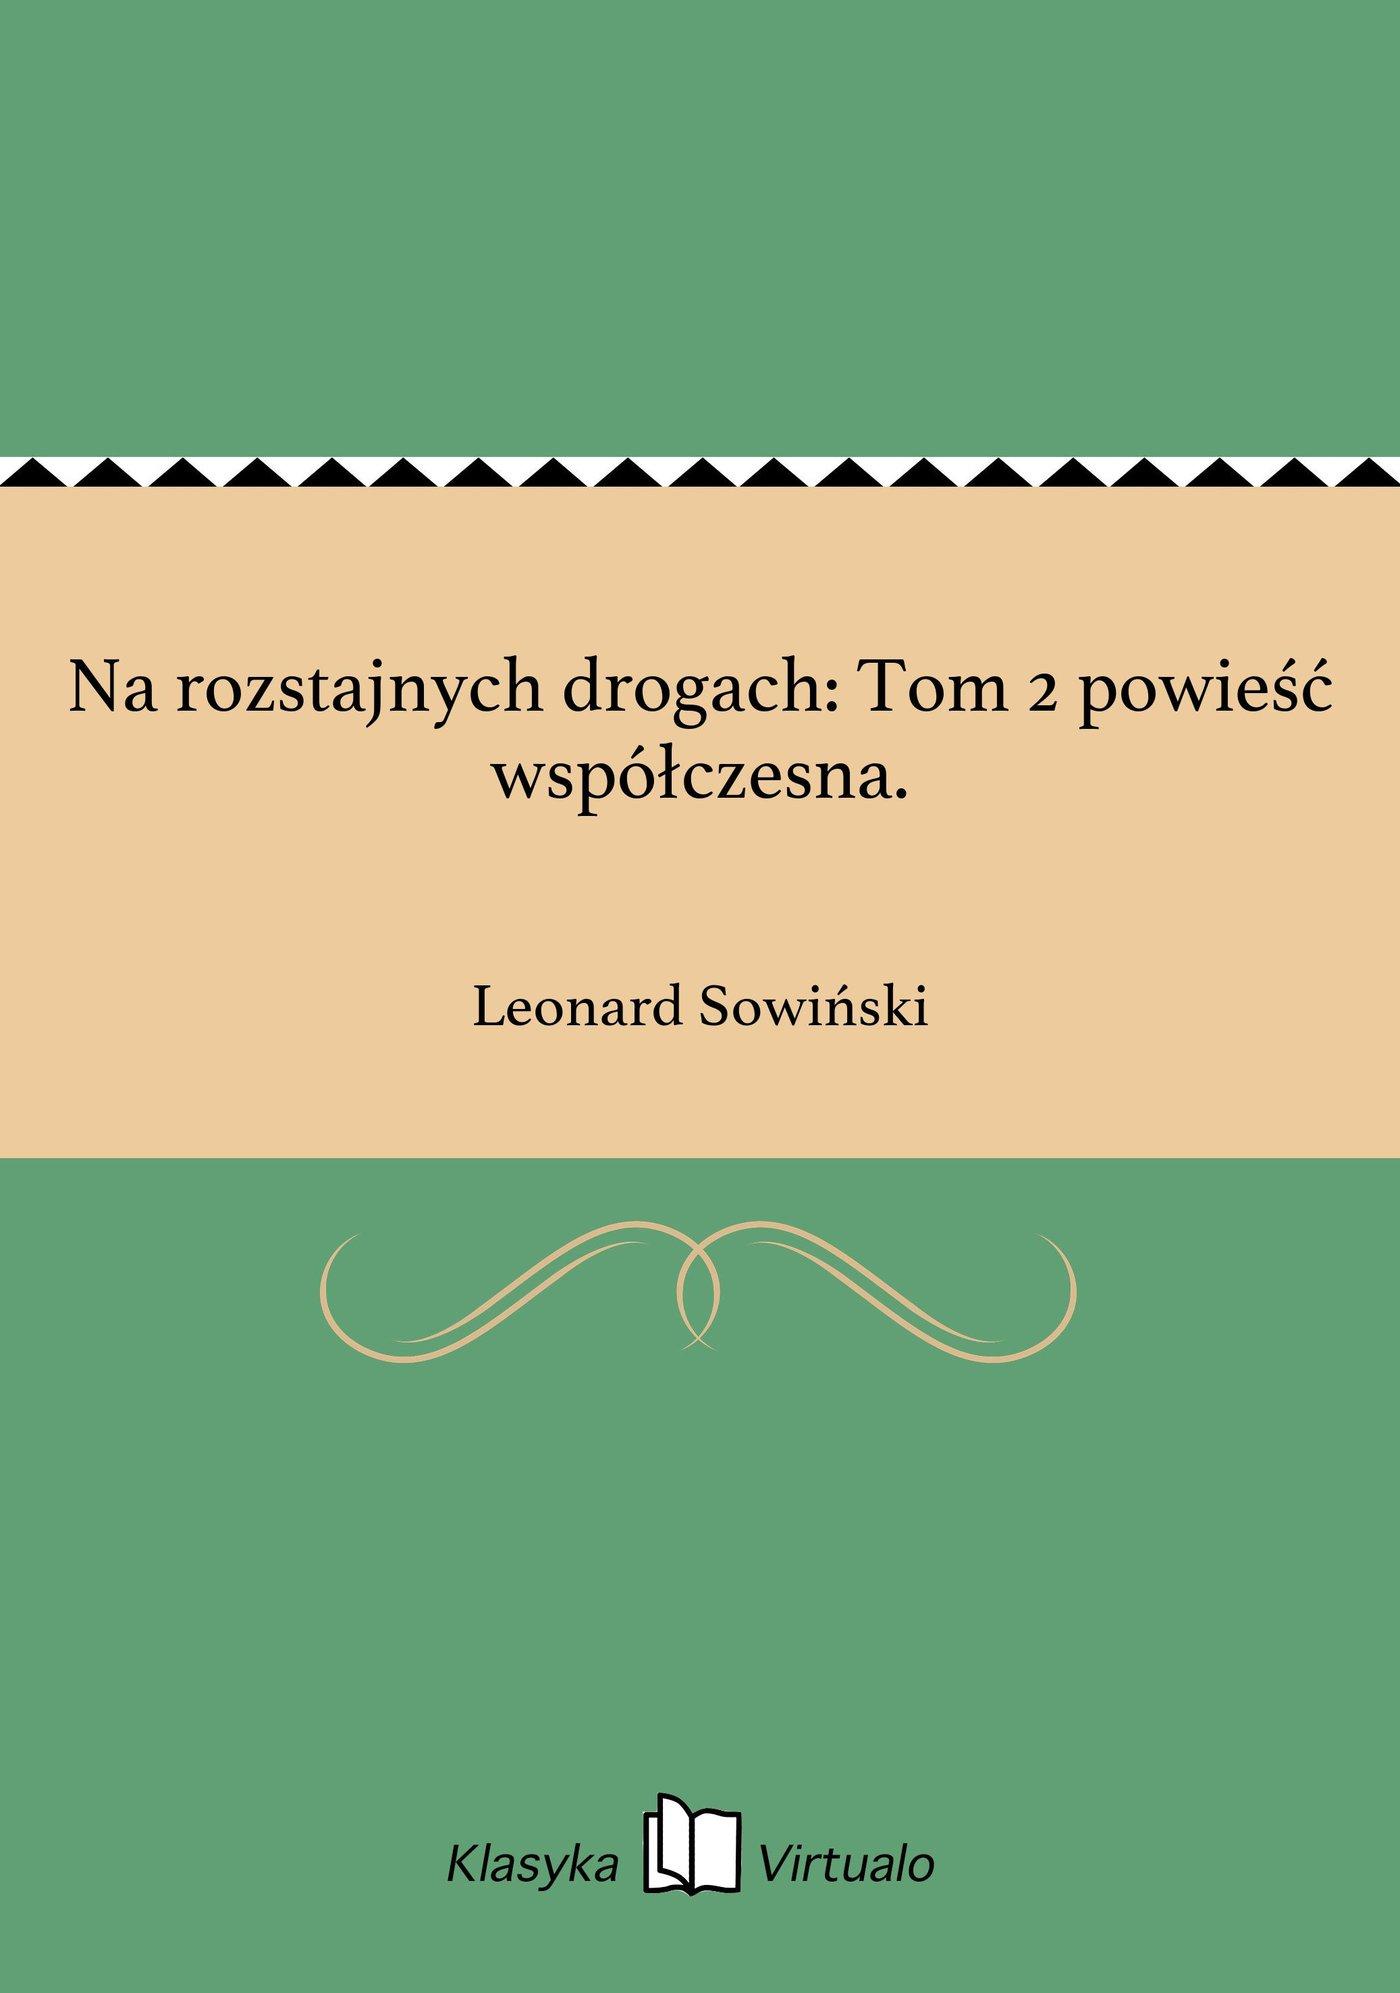 Na rozstajnych drogach: Tom 2 powieść współczesna. - Ebook (Książka EPUB) do pobrania w formacie EPUB